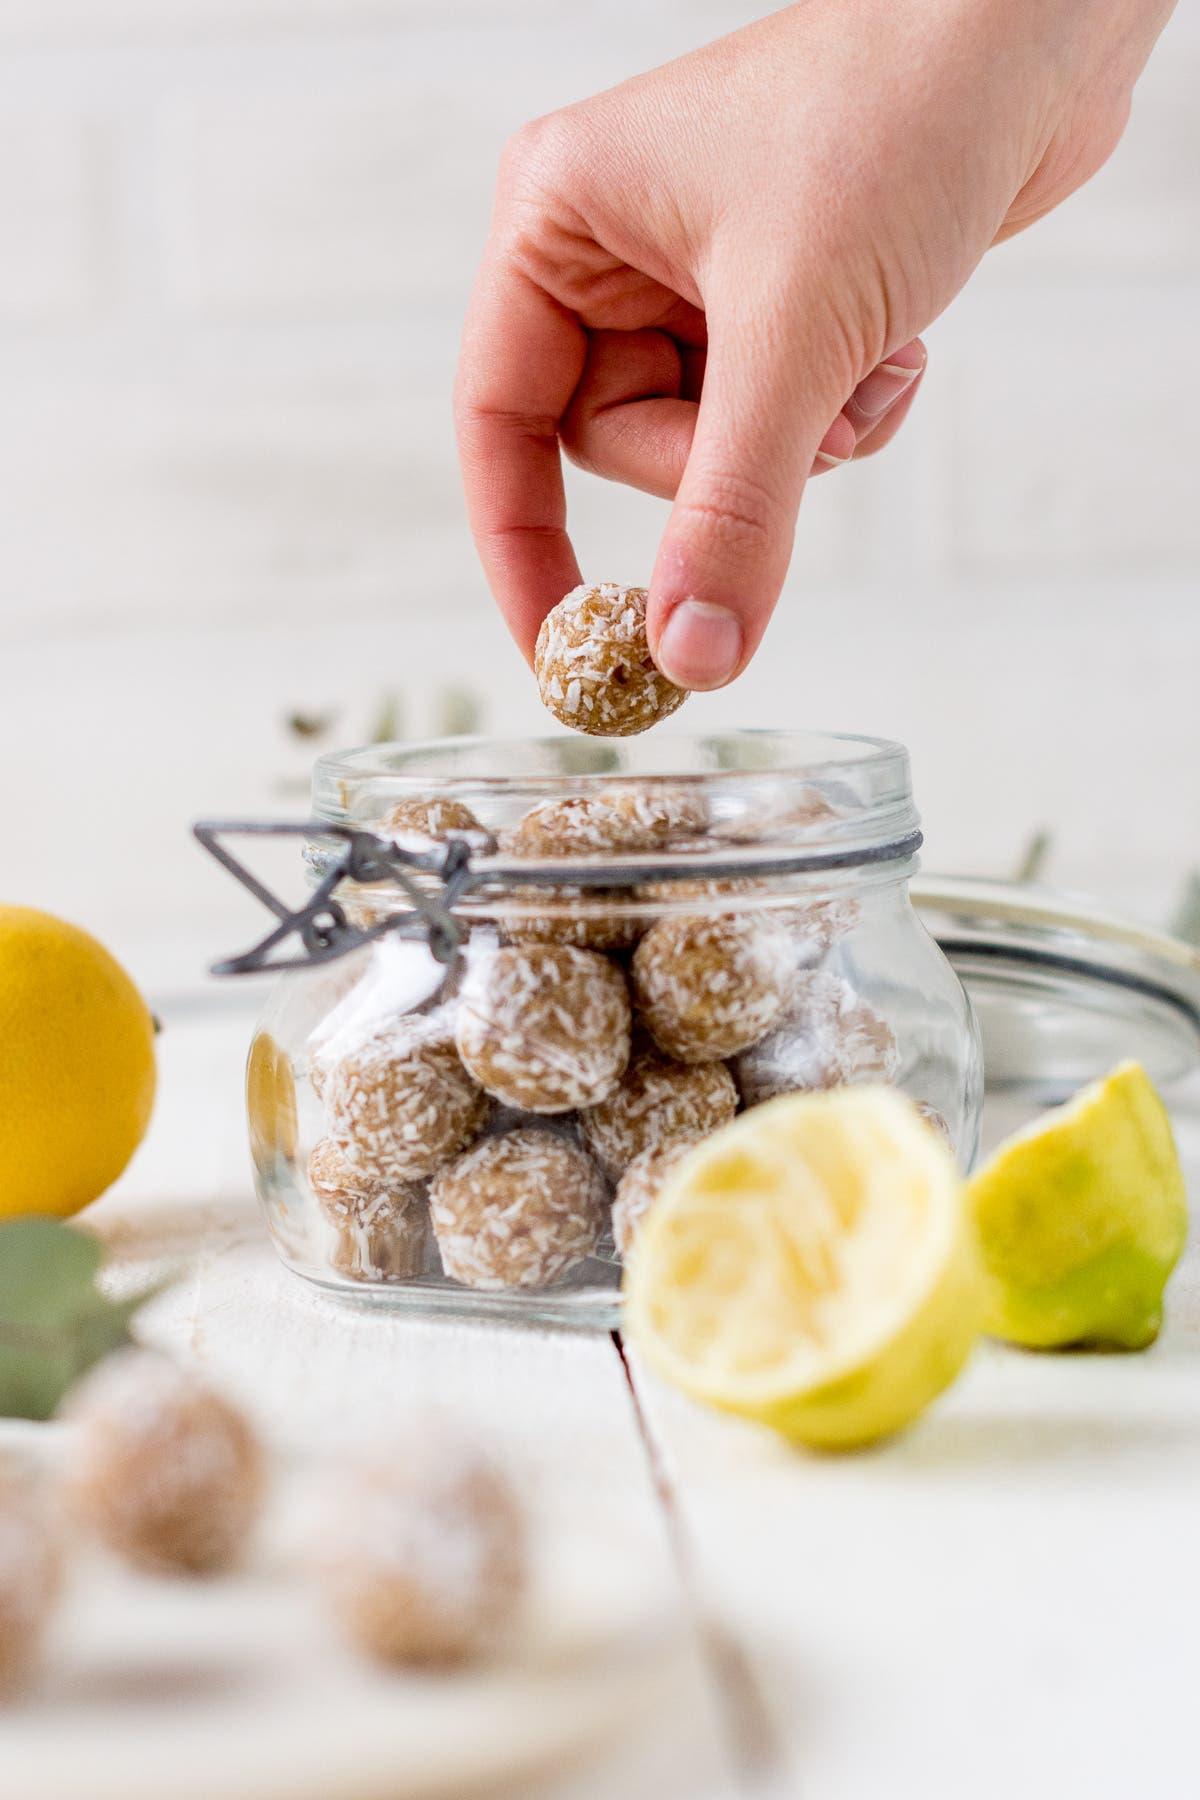 Zitronige Energiebällchen gestapelt in einem Glas und Hand, die ein Bällchen hälthen hält